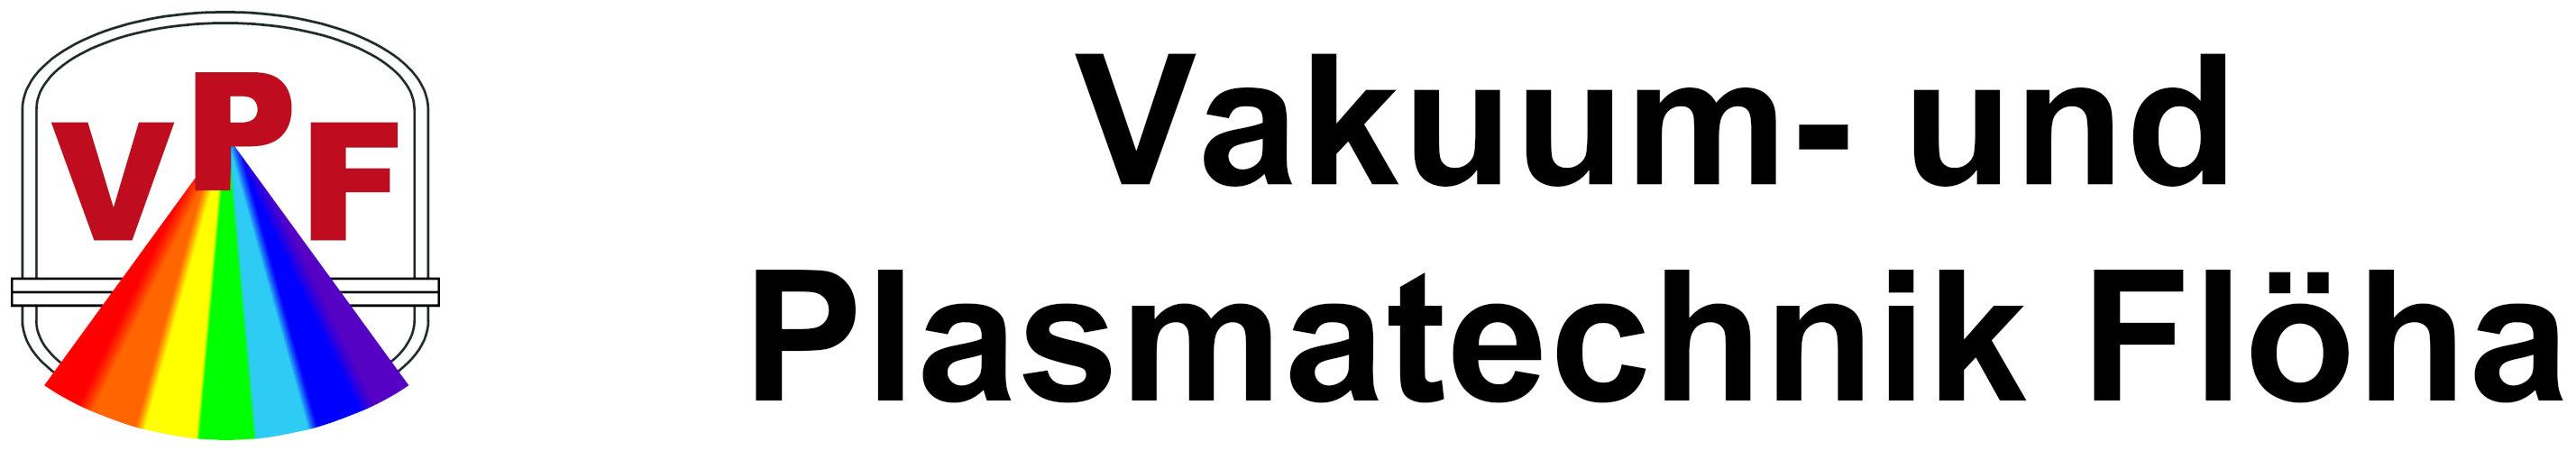 Vakuum- und Plasmatechnik Flöha